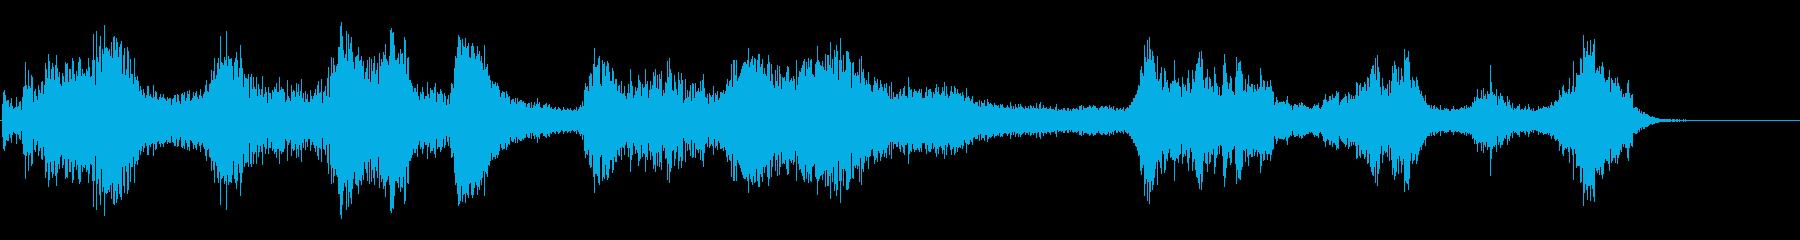 暗黒エネルギーの再生済みの波形